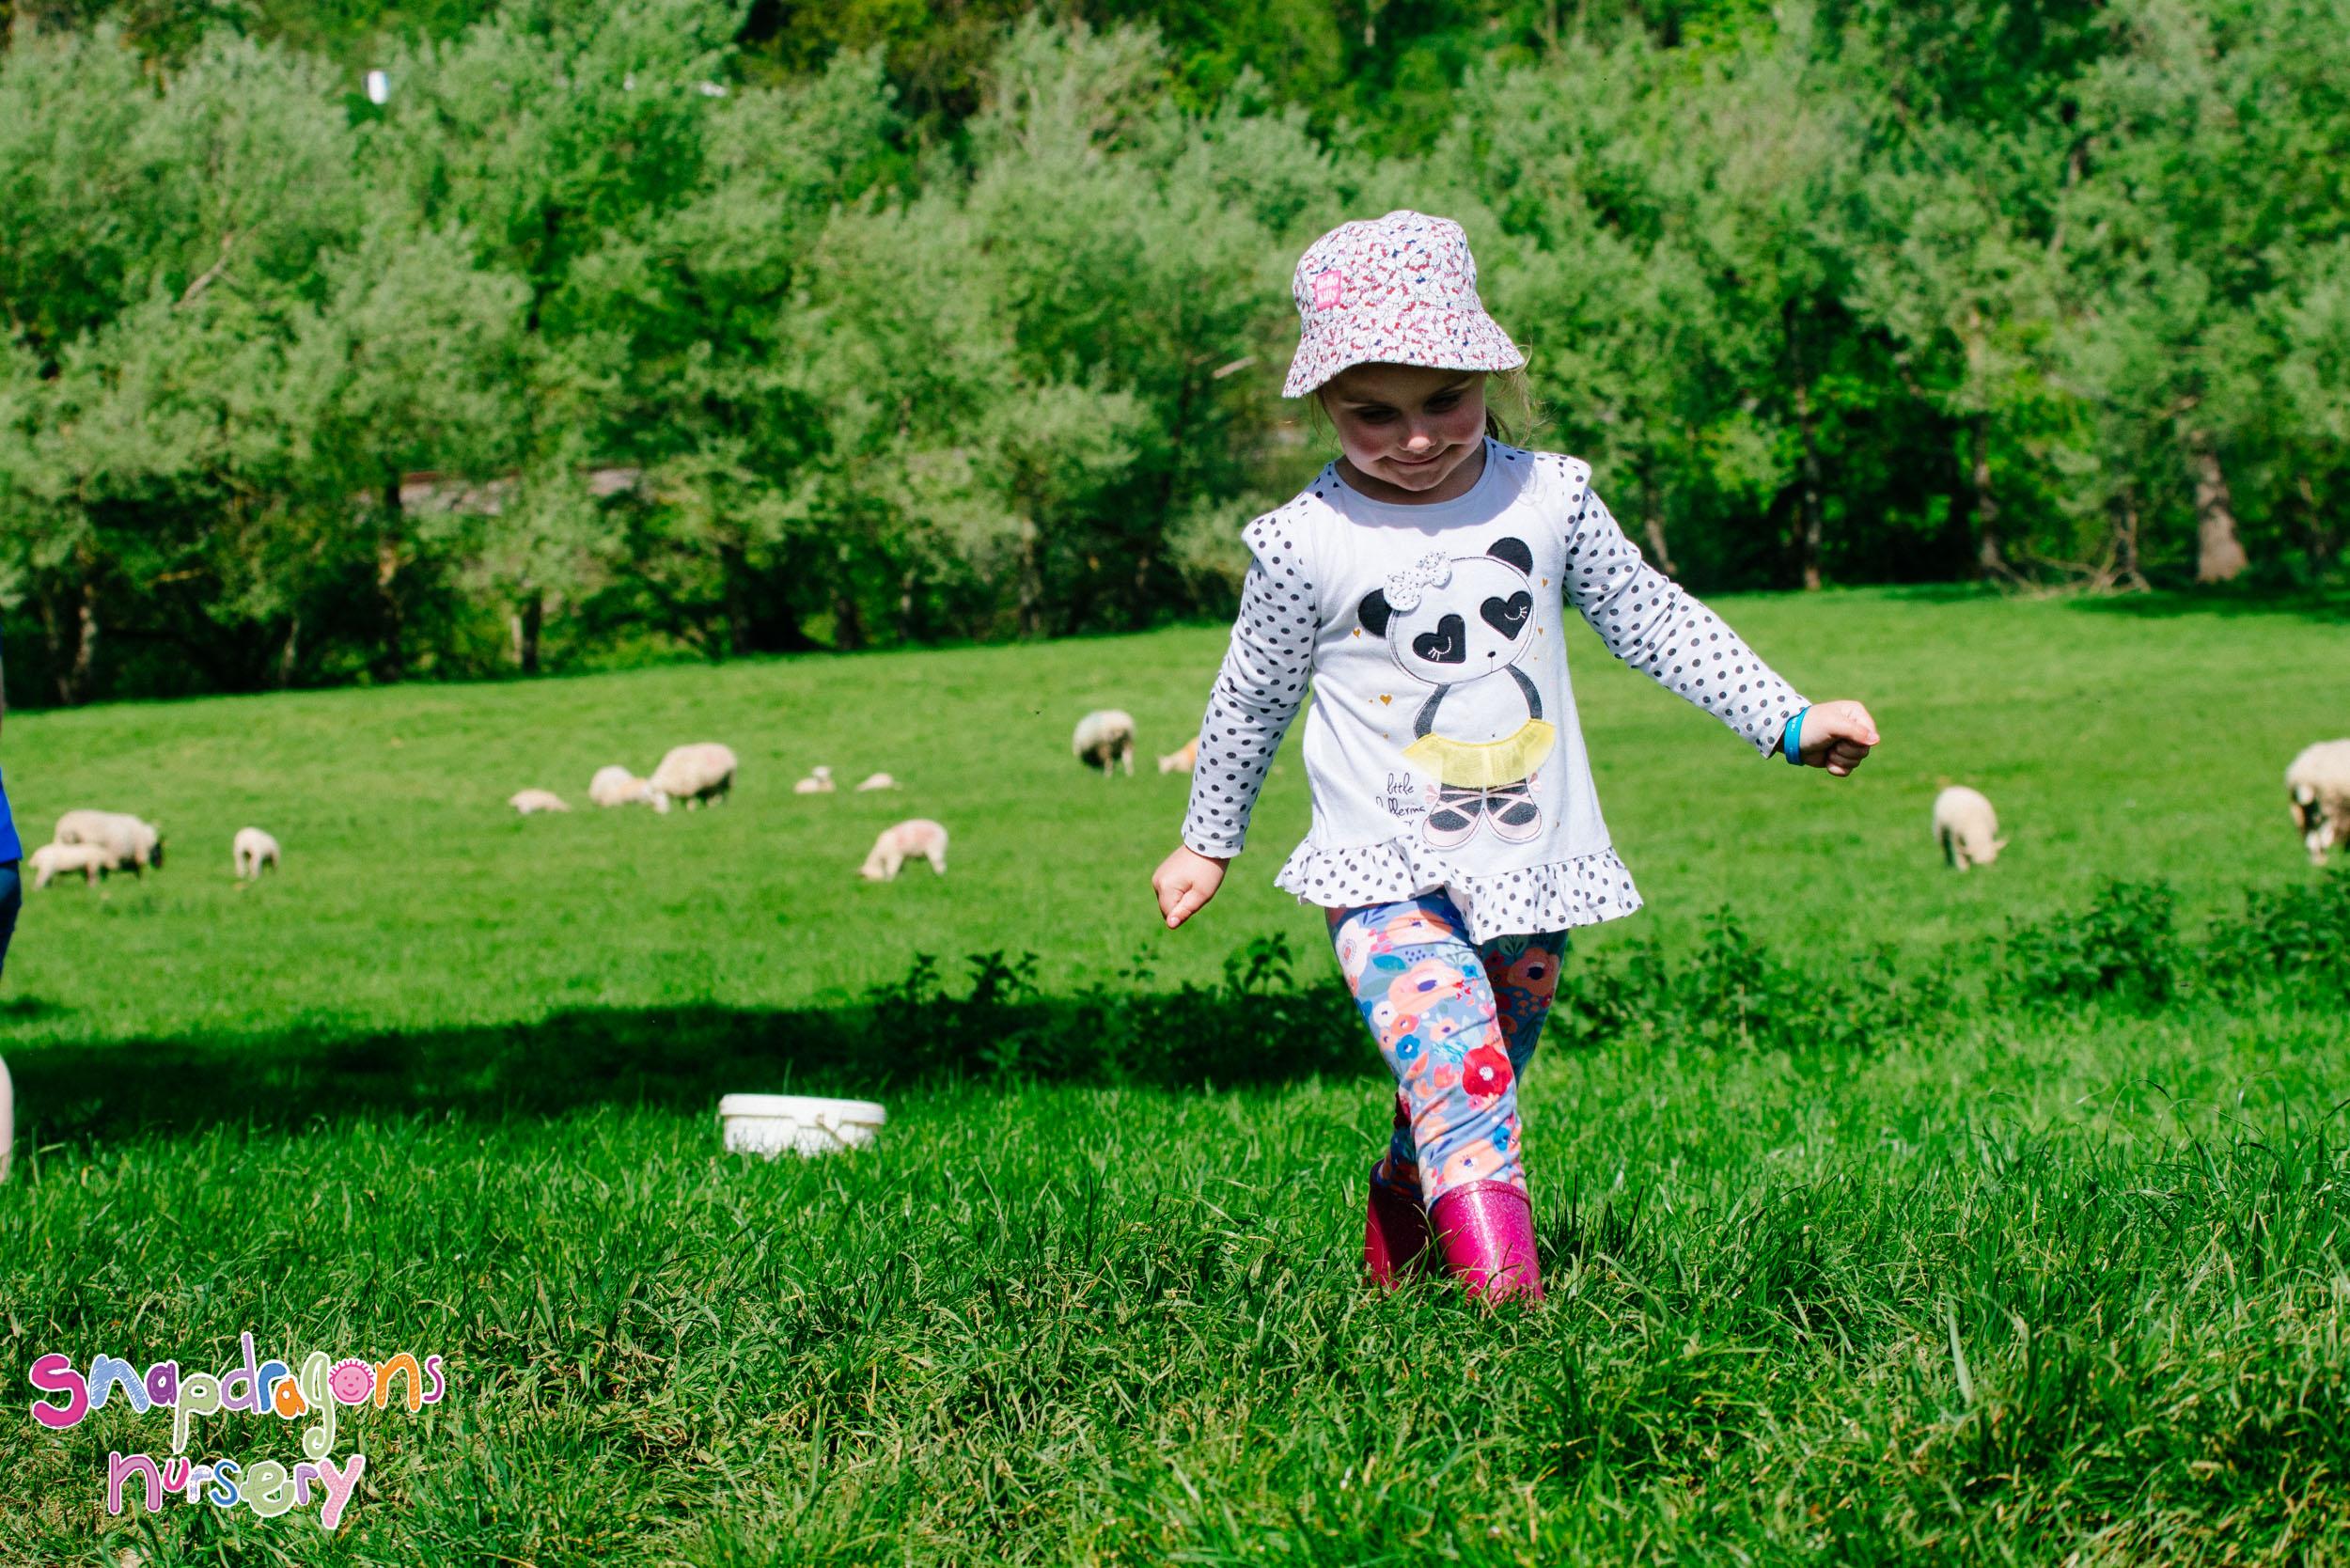 warleigh-farm-atworth-2018-05-10--2118-211709-101.jpg